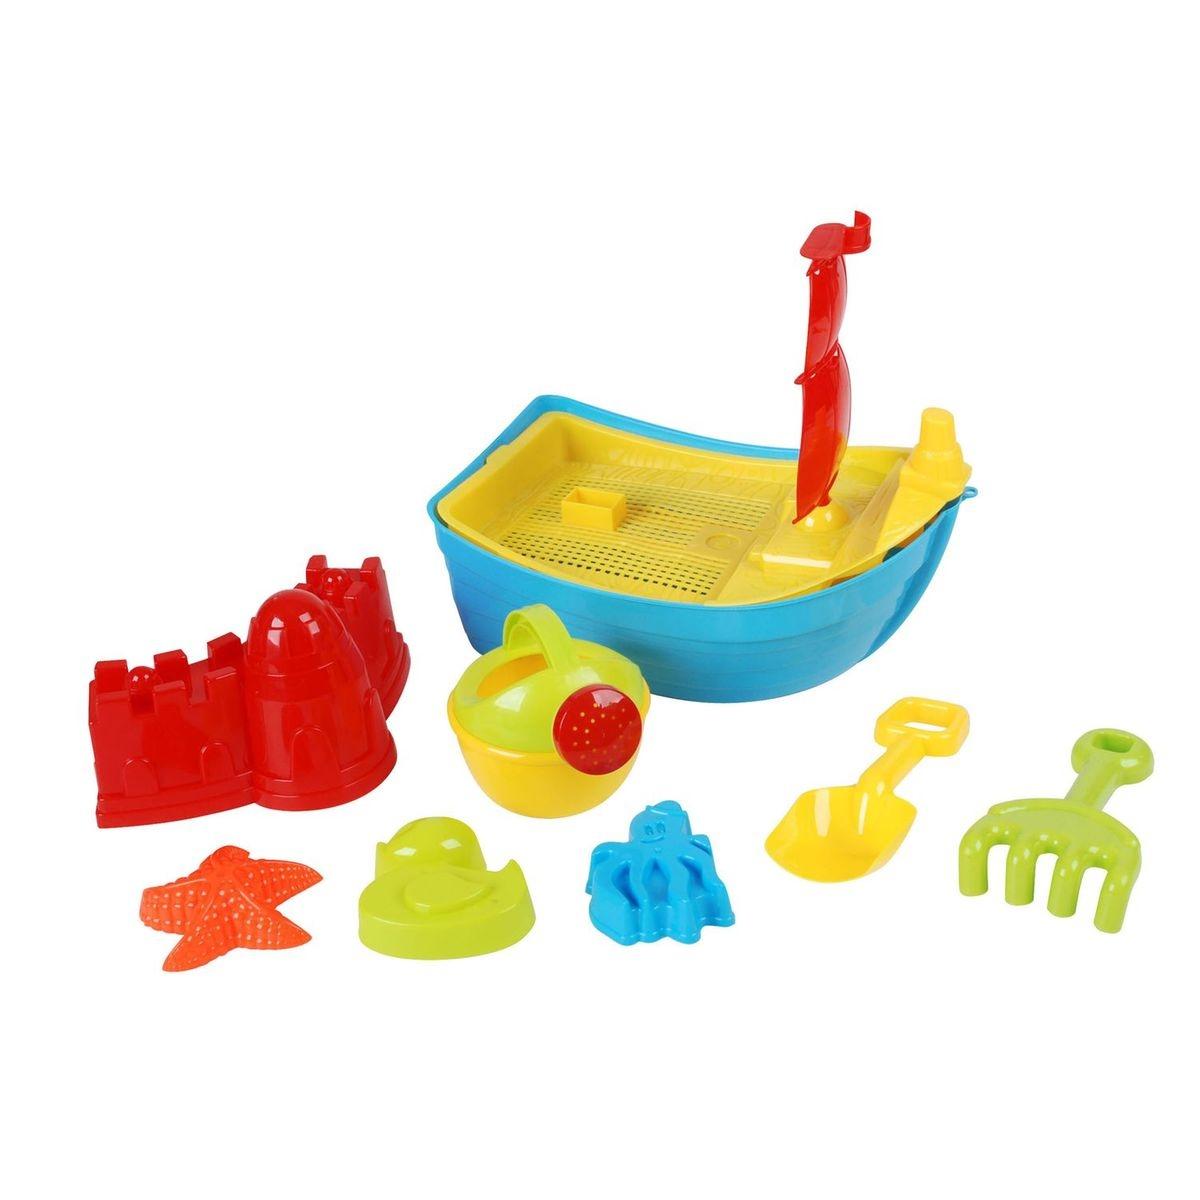 Set de plage bateau et accessoires - 8 pièces